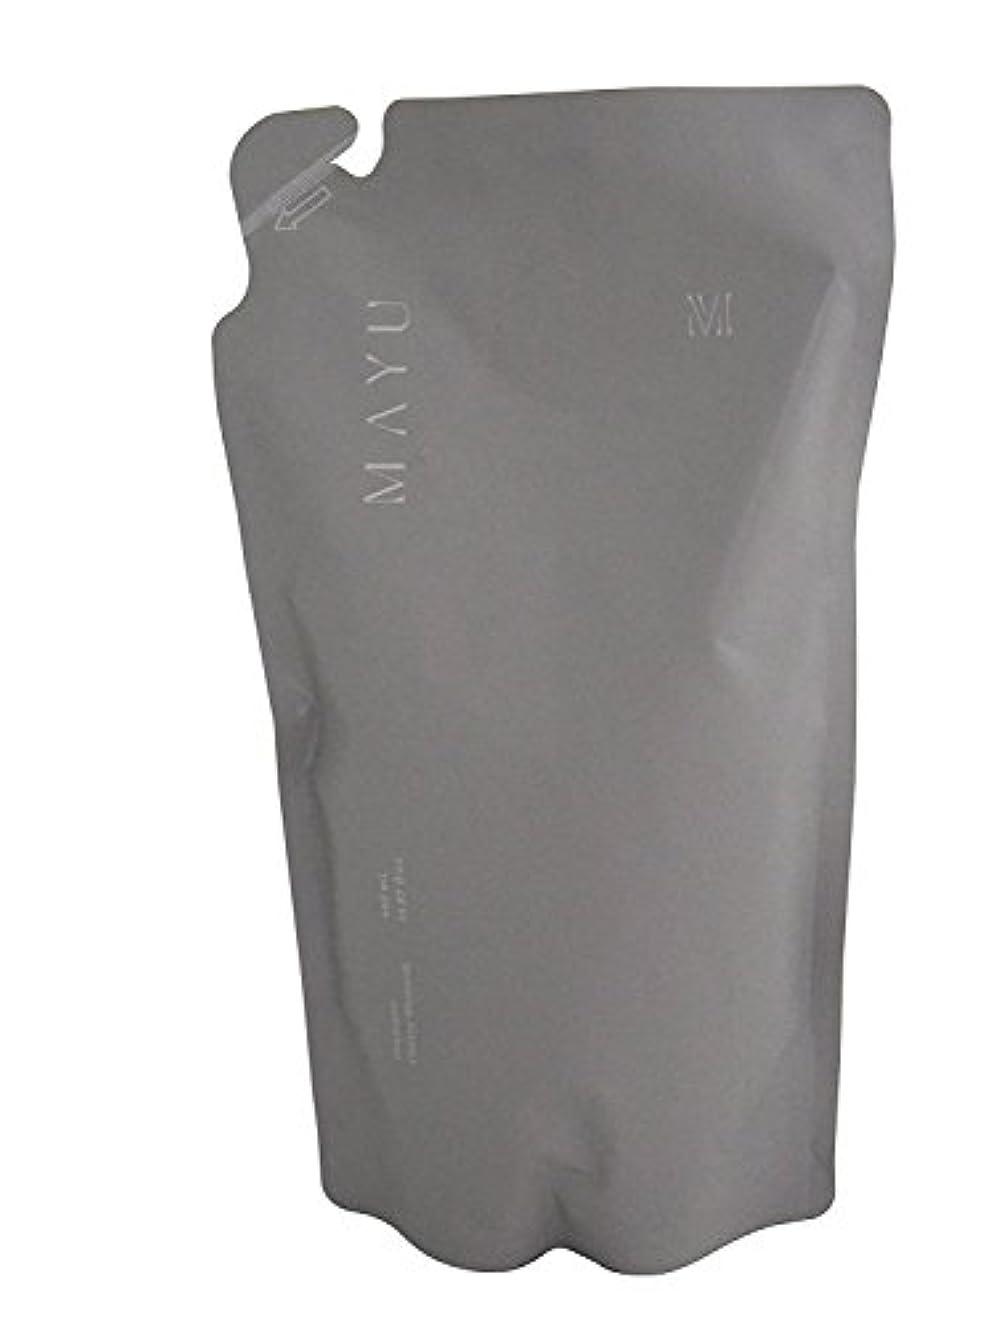 遺跡帝国ゴージャス【365Plus】 MAYU さくらの香りシャンプー リフィル(440ml) 1本入り